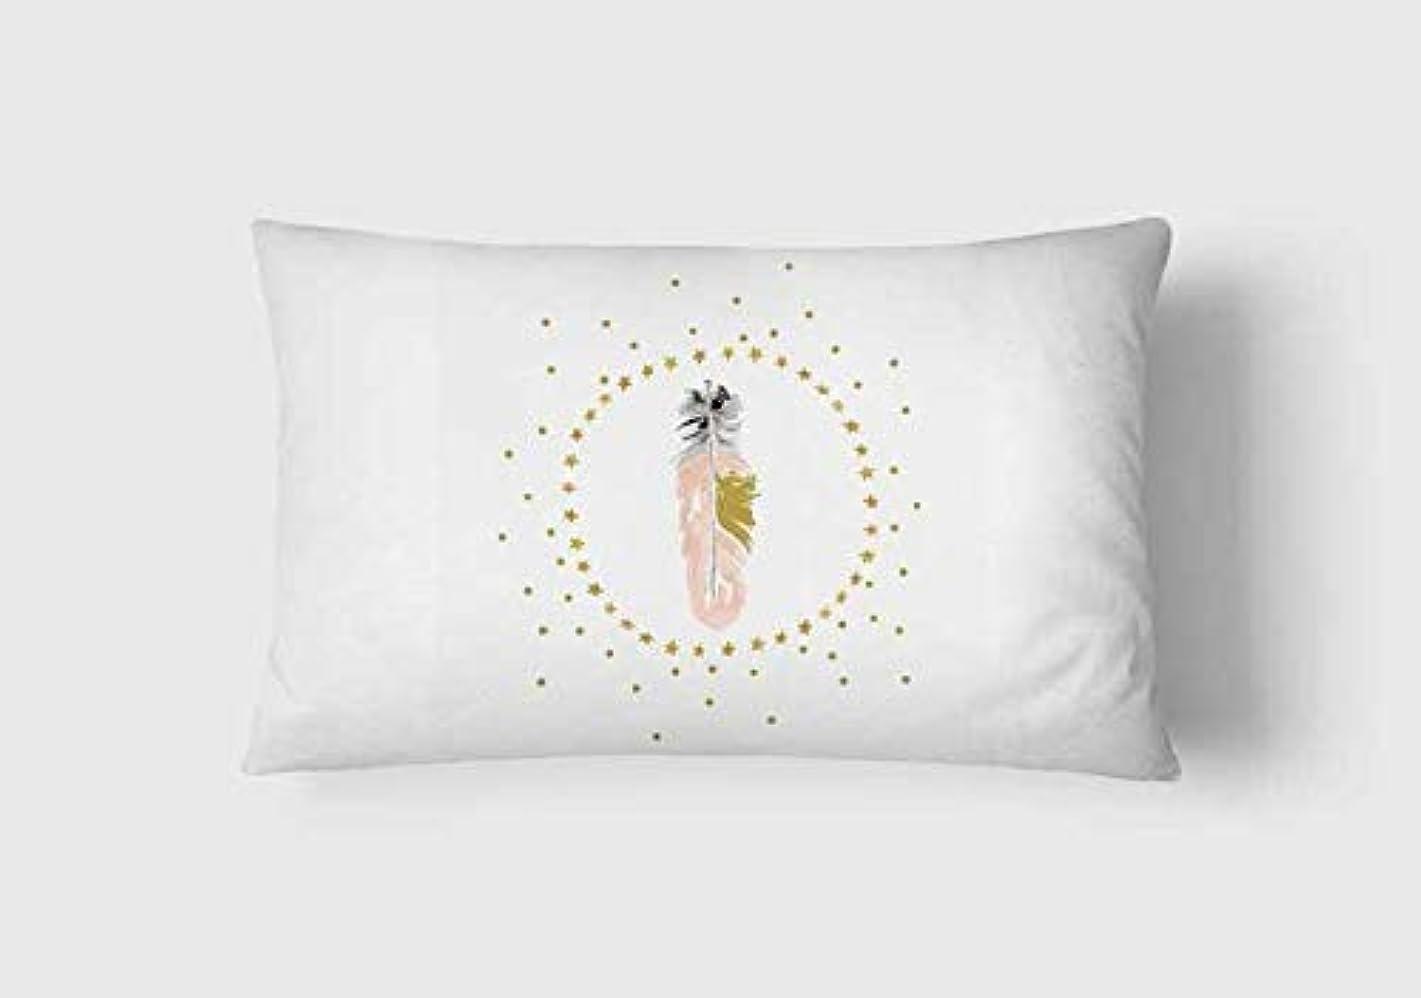 変化するペルソナ皮肉なLIFE 新しいぬいぐるみピンクフラミンゴクッションガチョウの羽風船幾何北欧家の装飾ソファスロー枕用女の子ルーム装飾 クッション 椅子